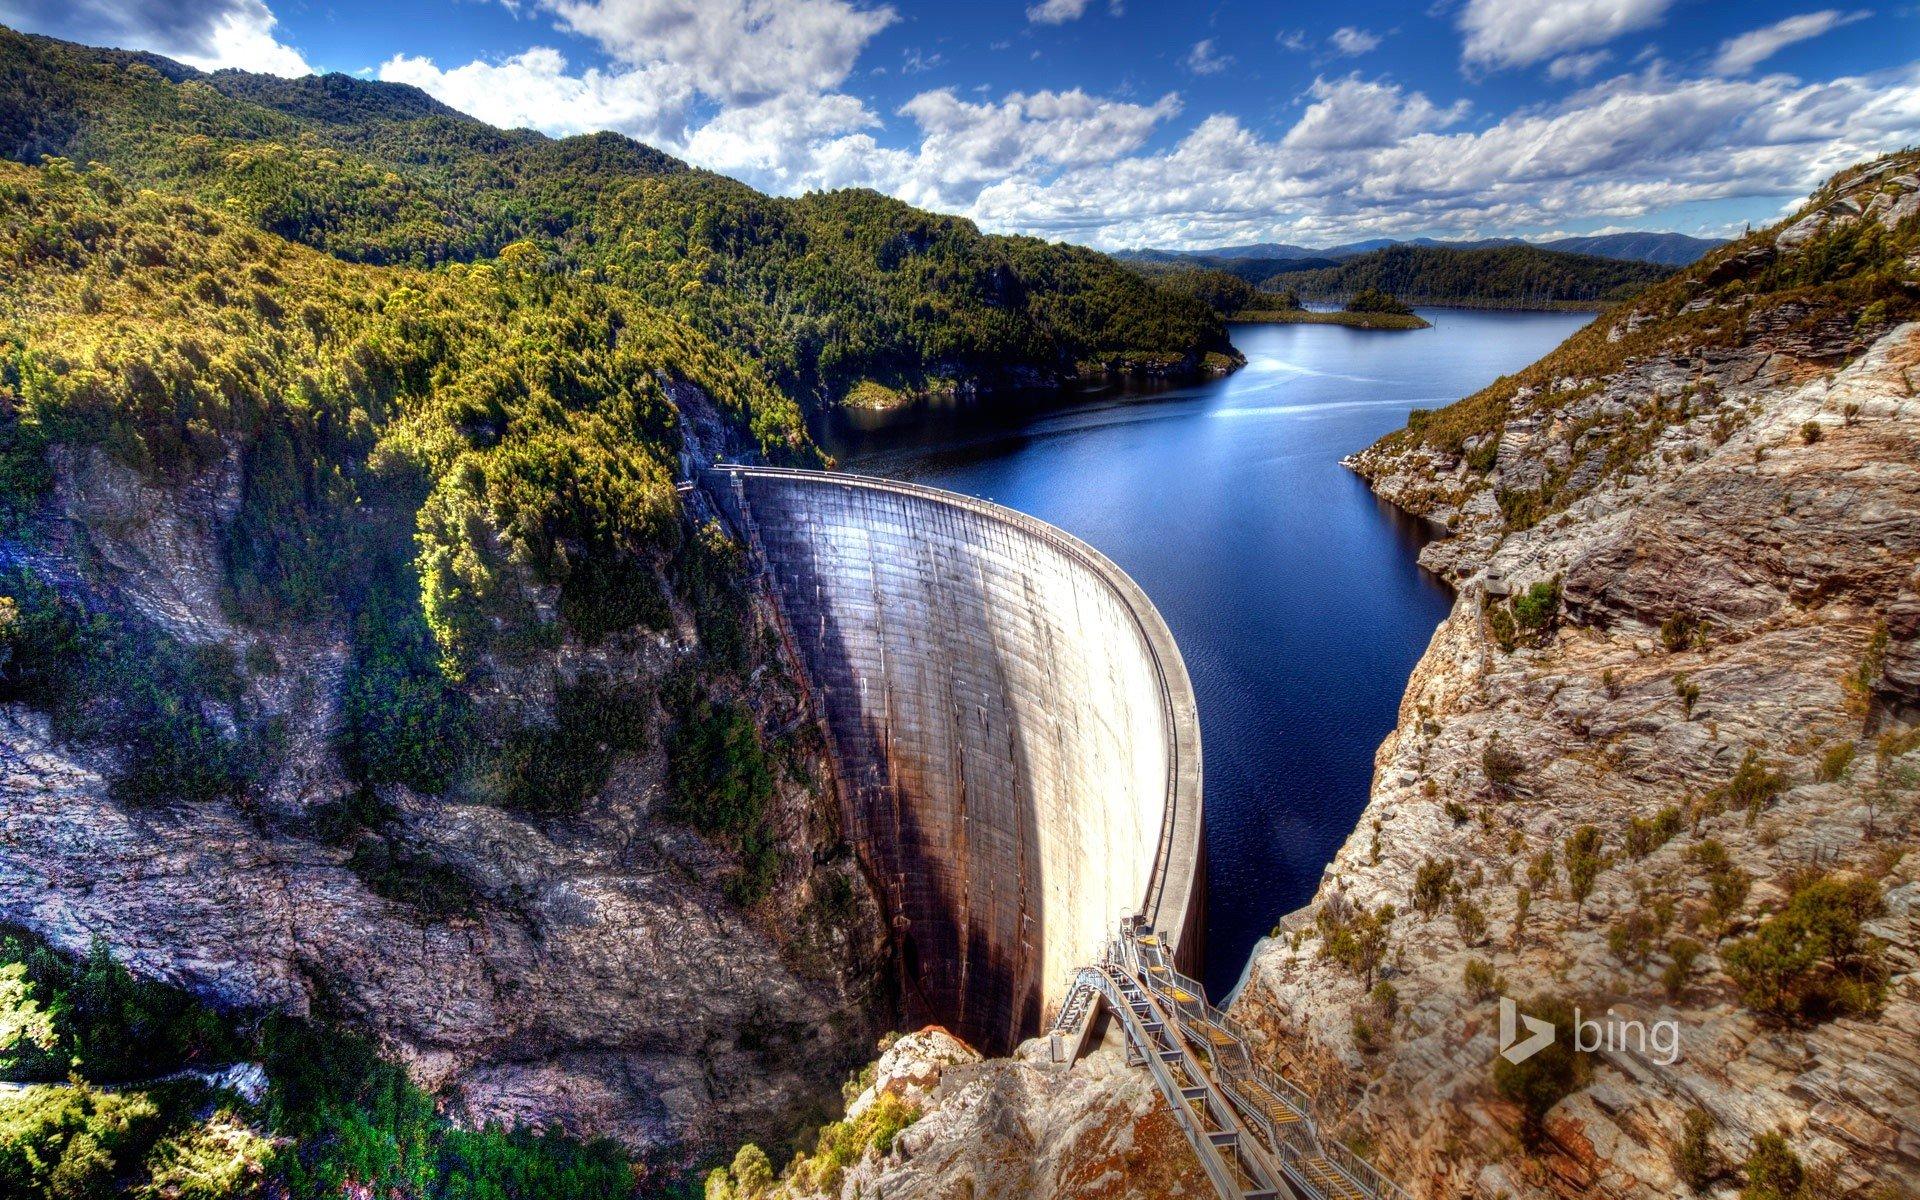 Fondos de pantalla Presa Gordon en Tasmania Australia